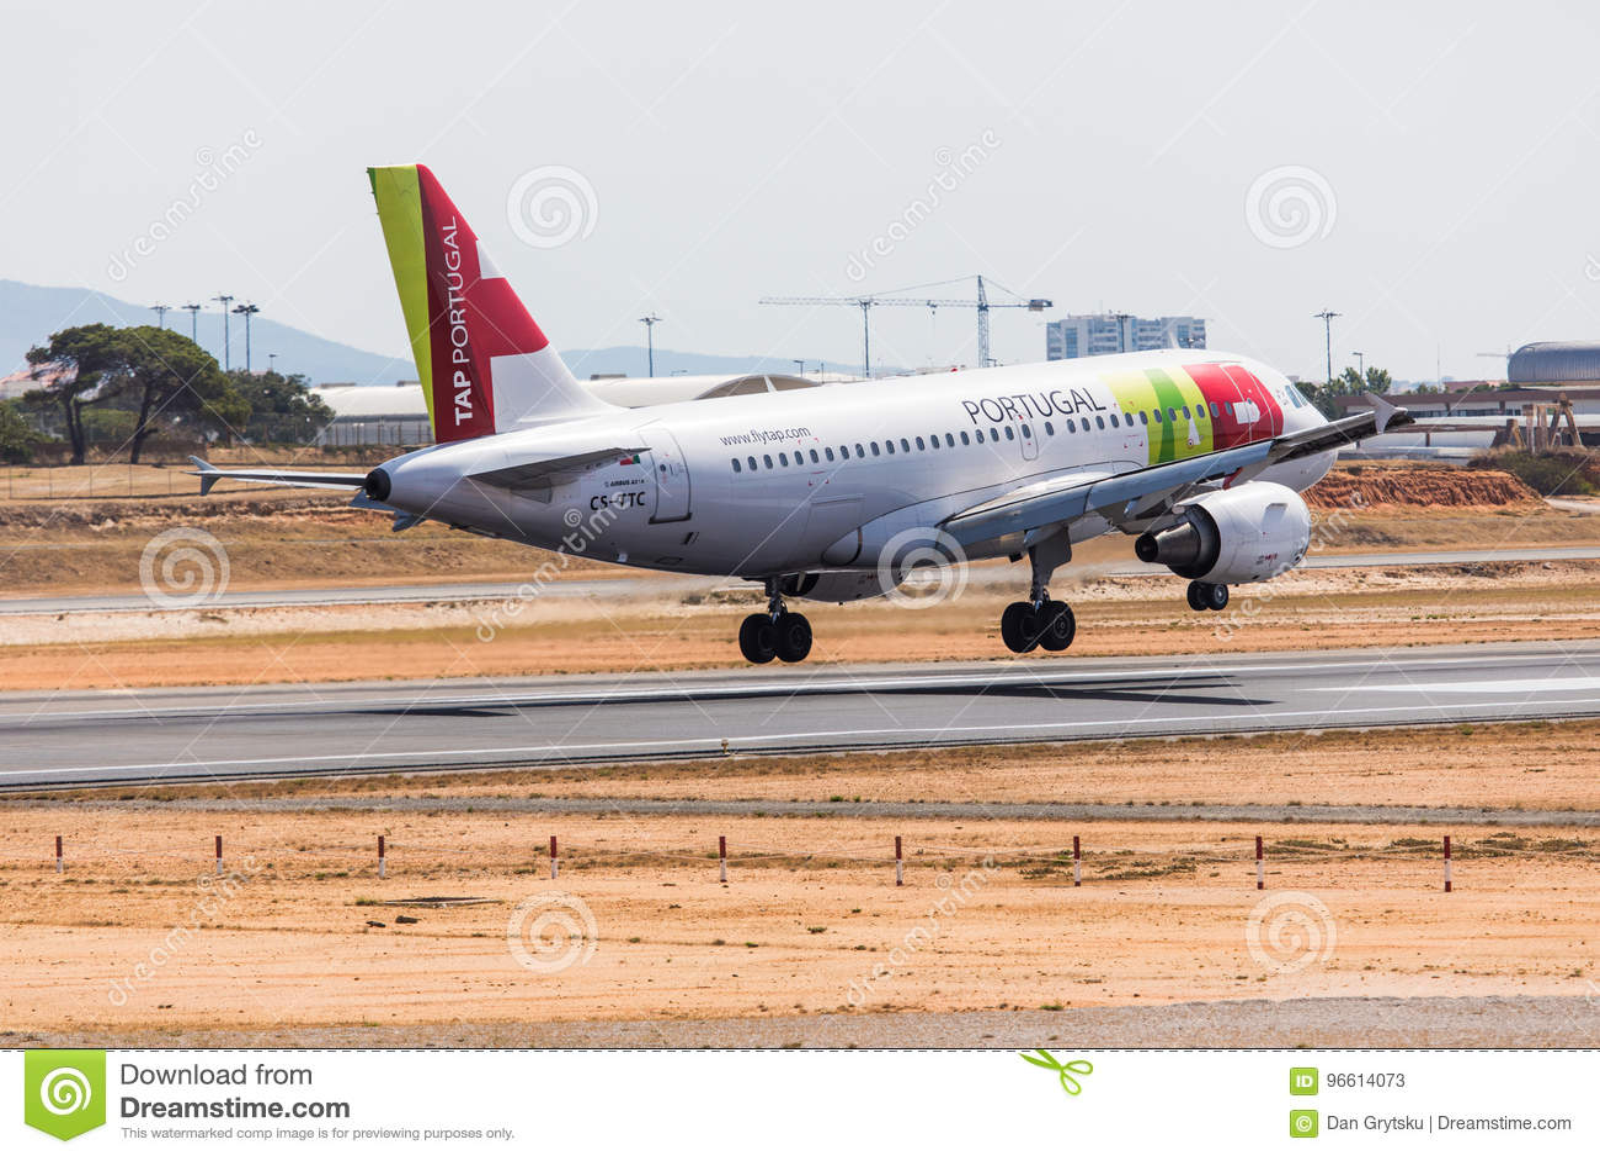 FARO, PORTUGAL - Juny 18, 2017: GOLPEE LIGERAMENTE el aterrizaje del avión de los vuelos de Portugal en el aeropuerto internacion